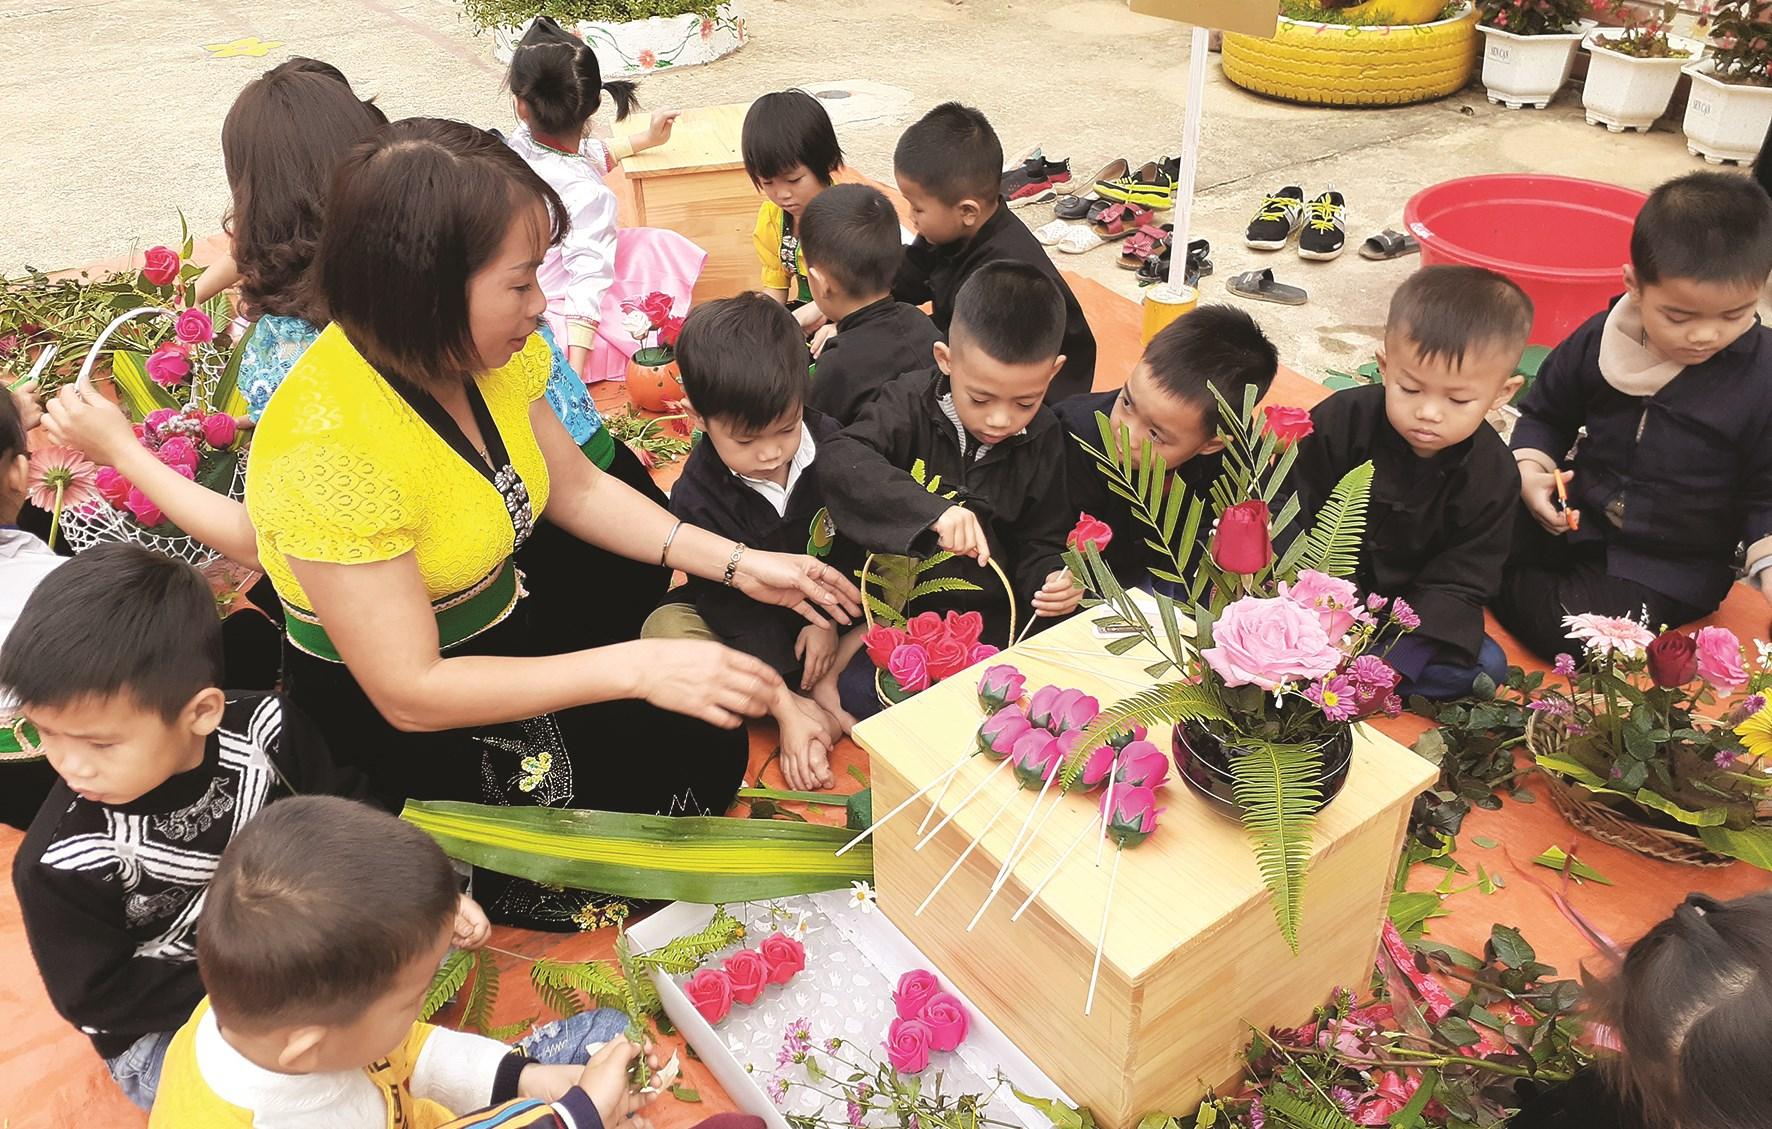 Trường Mầm non xã Bum Nưa tổ chức hình thức trải nghiệm cắm hoa cho trẻ